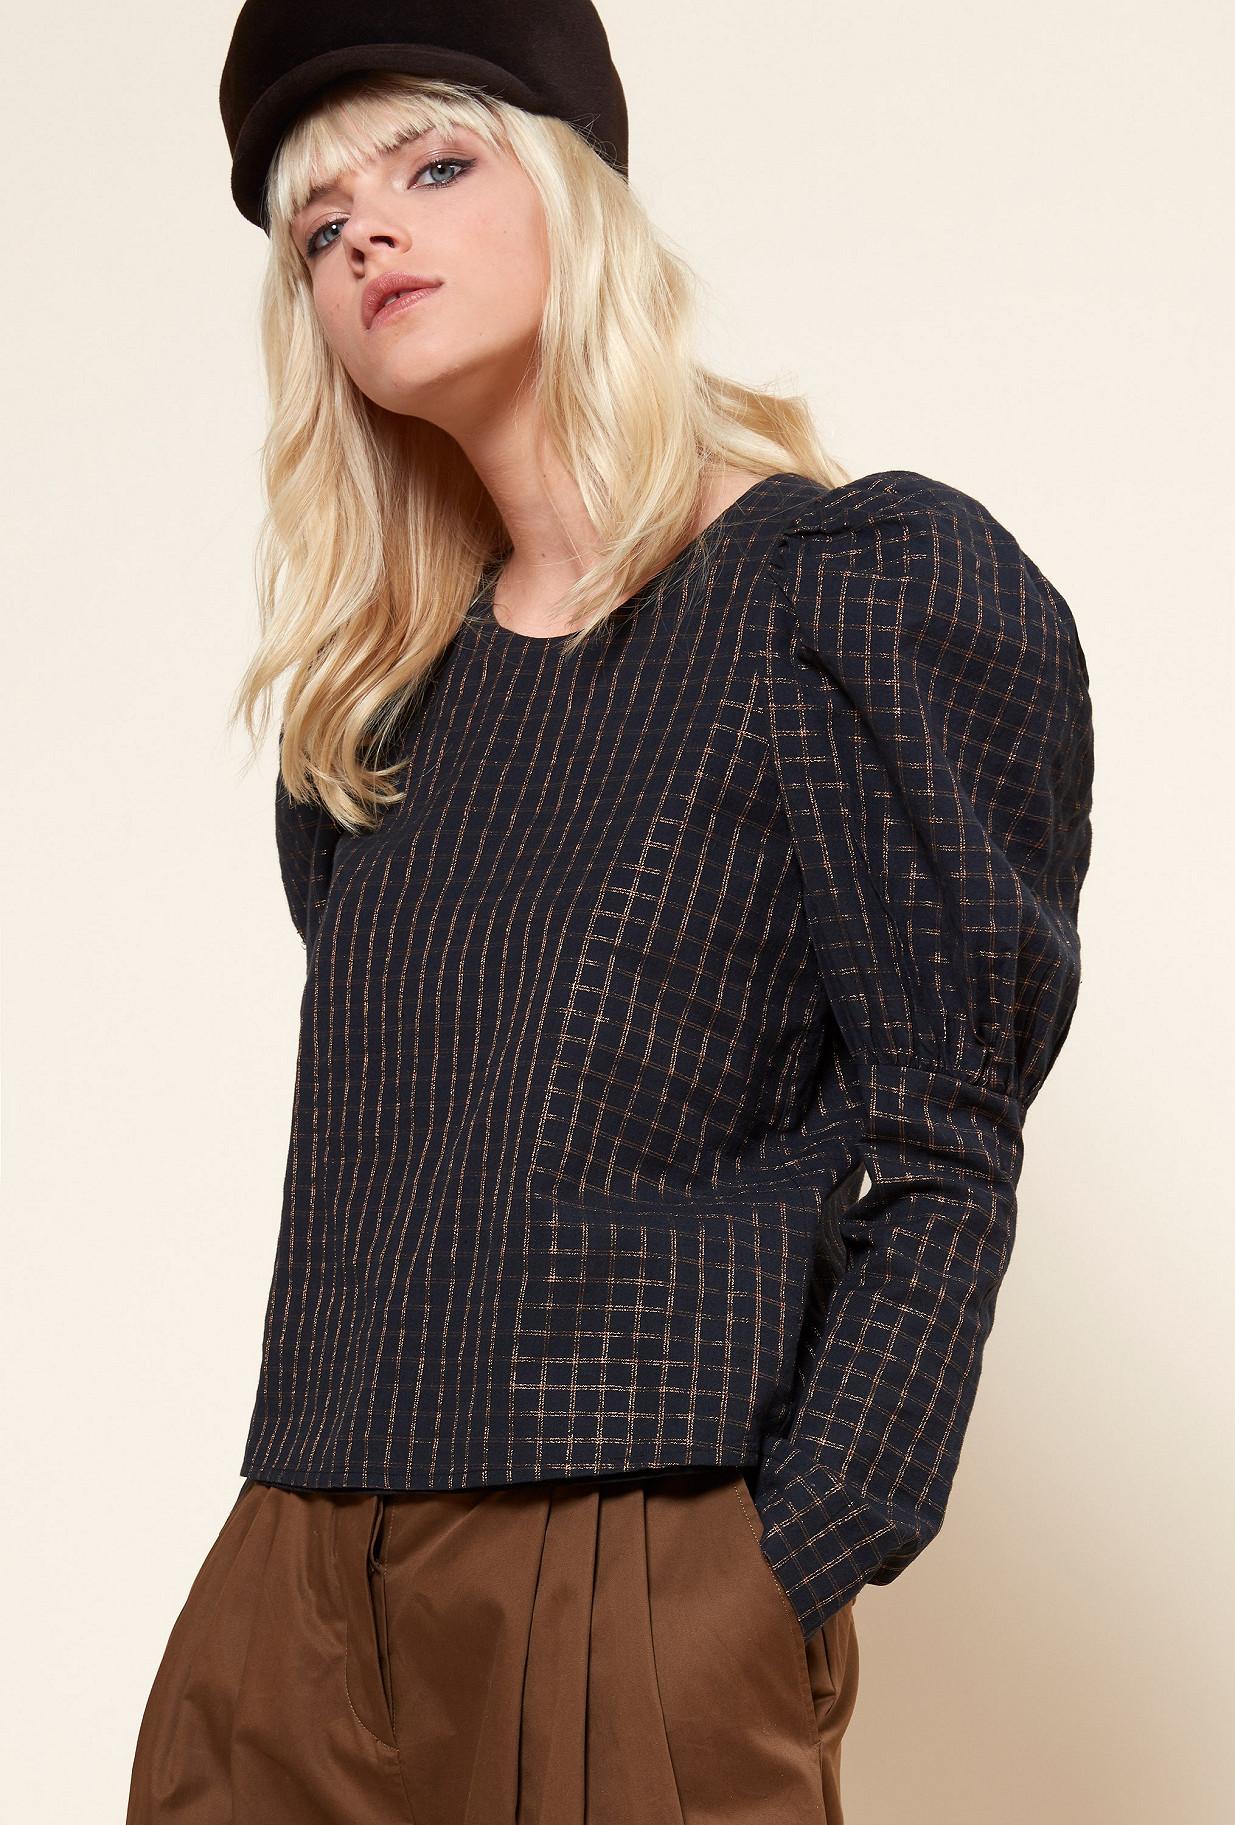 Paris boutique de mode vêtement TOP créateur bohème  Solveig